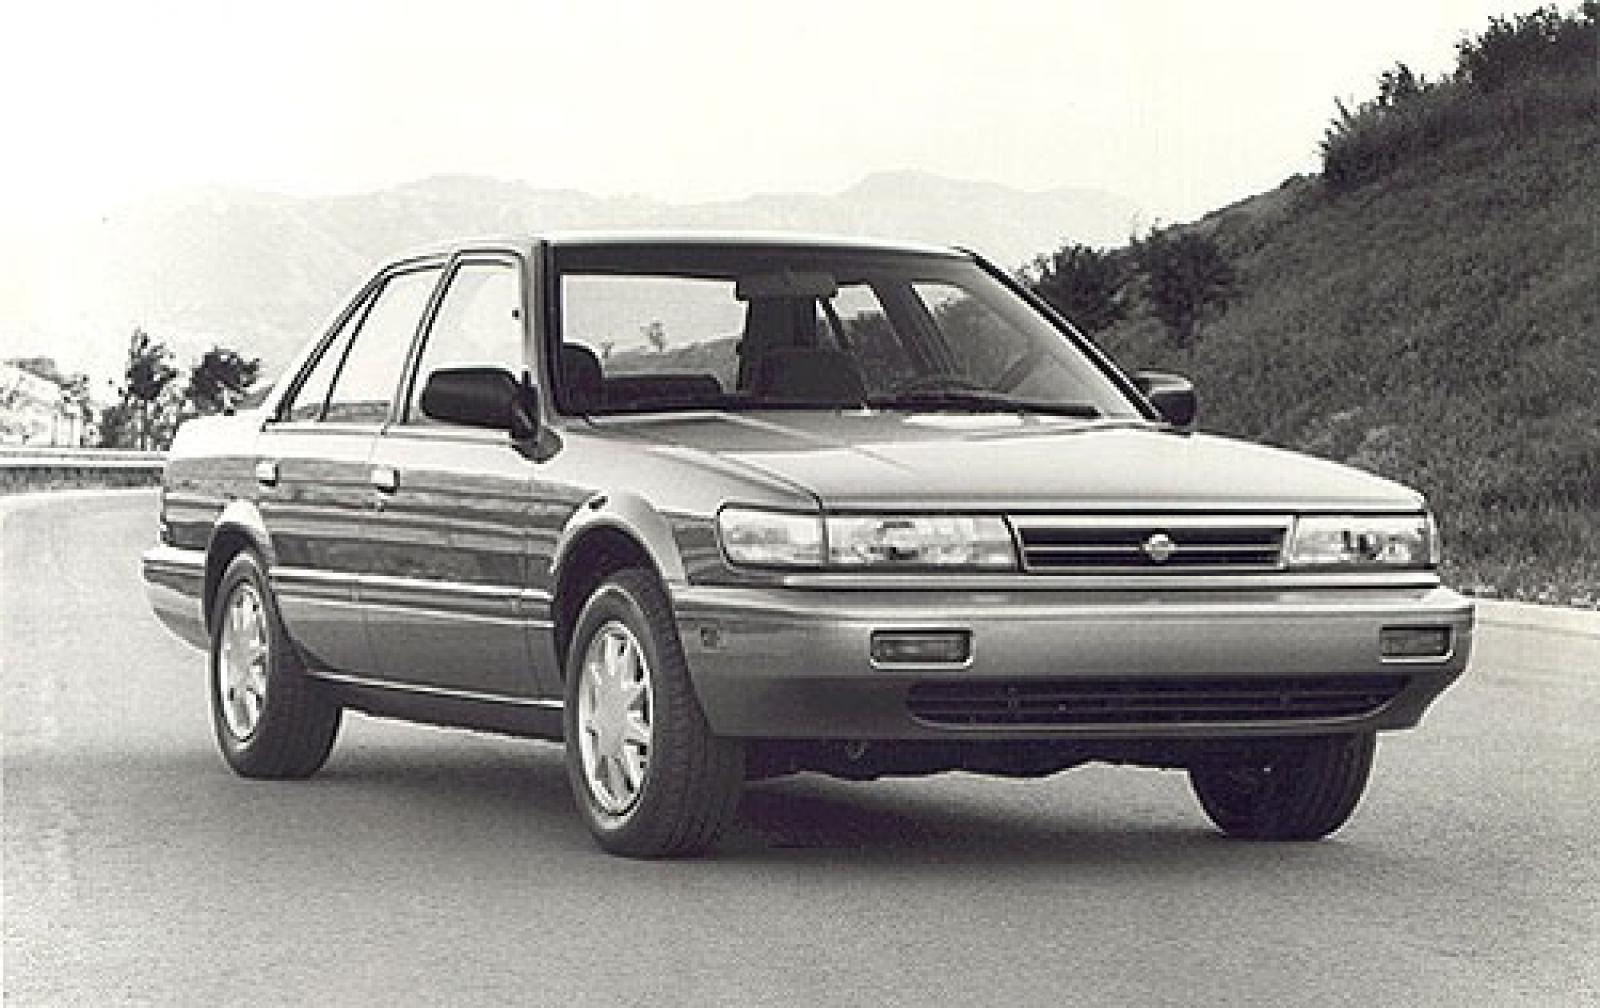 Nissan Stanza II (T12) 1986 - 1989 Sedan #1